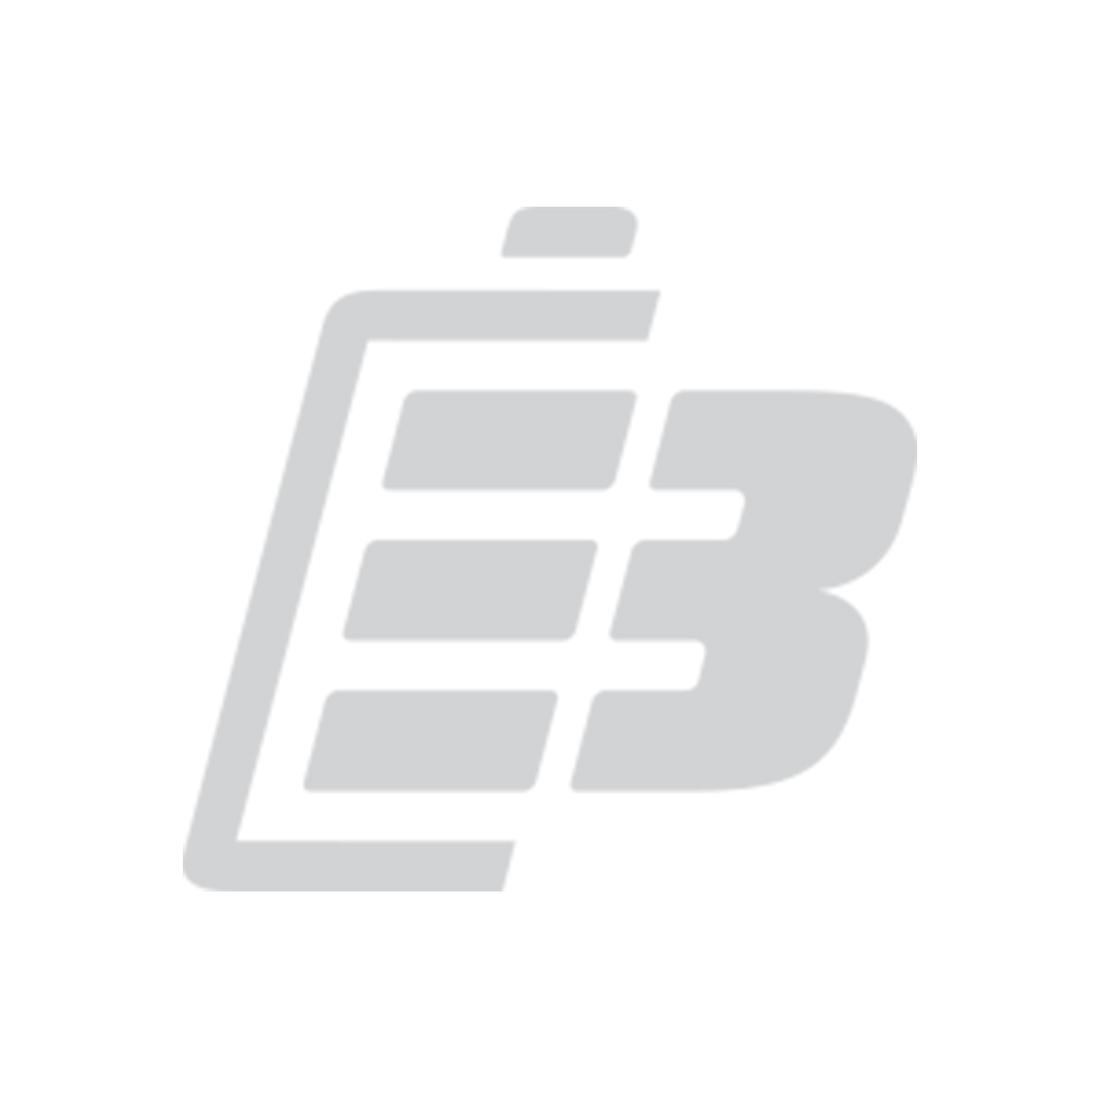 Μπαταρία smartphone Huawei Ascend Mate 7_1